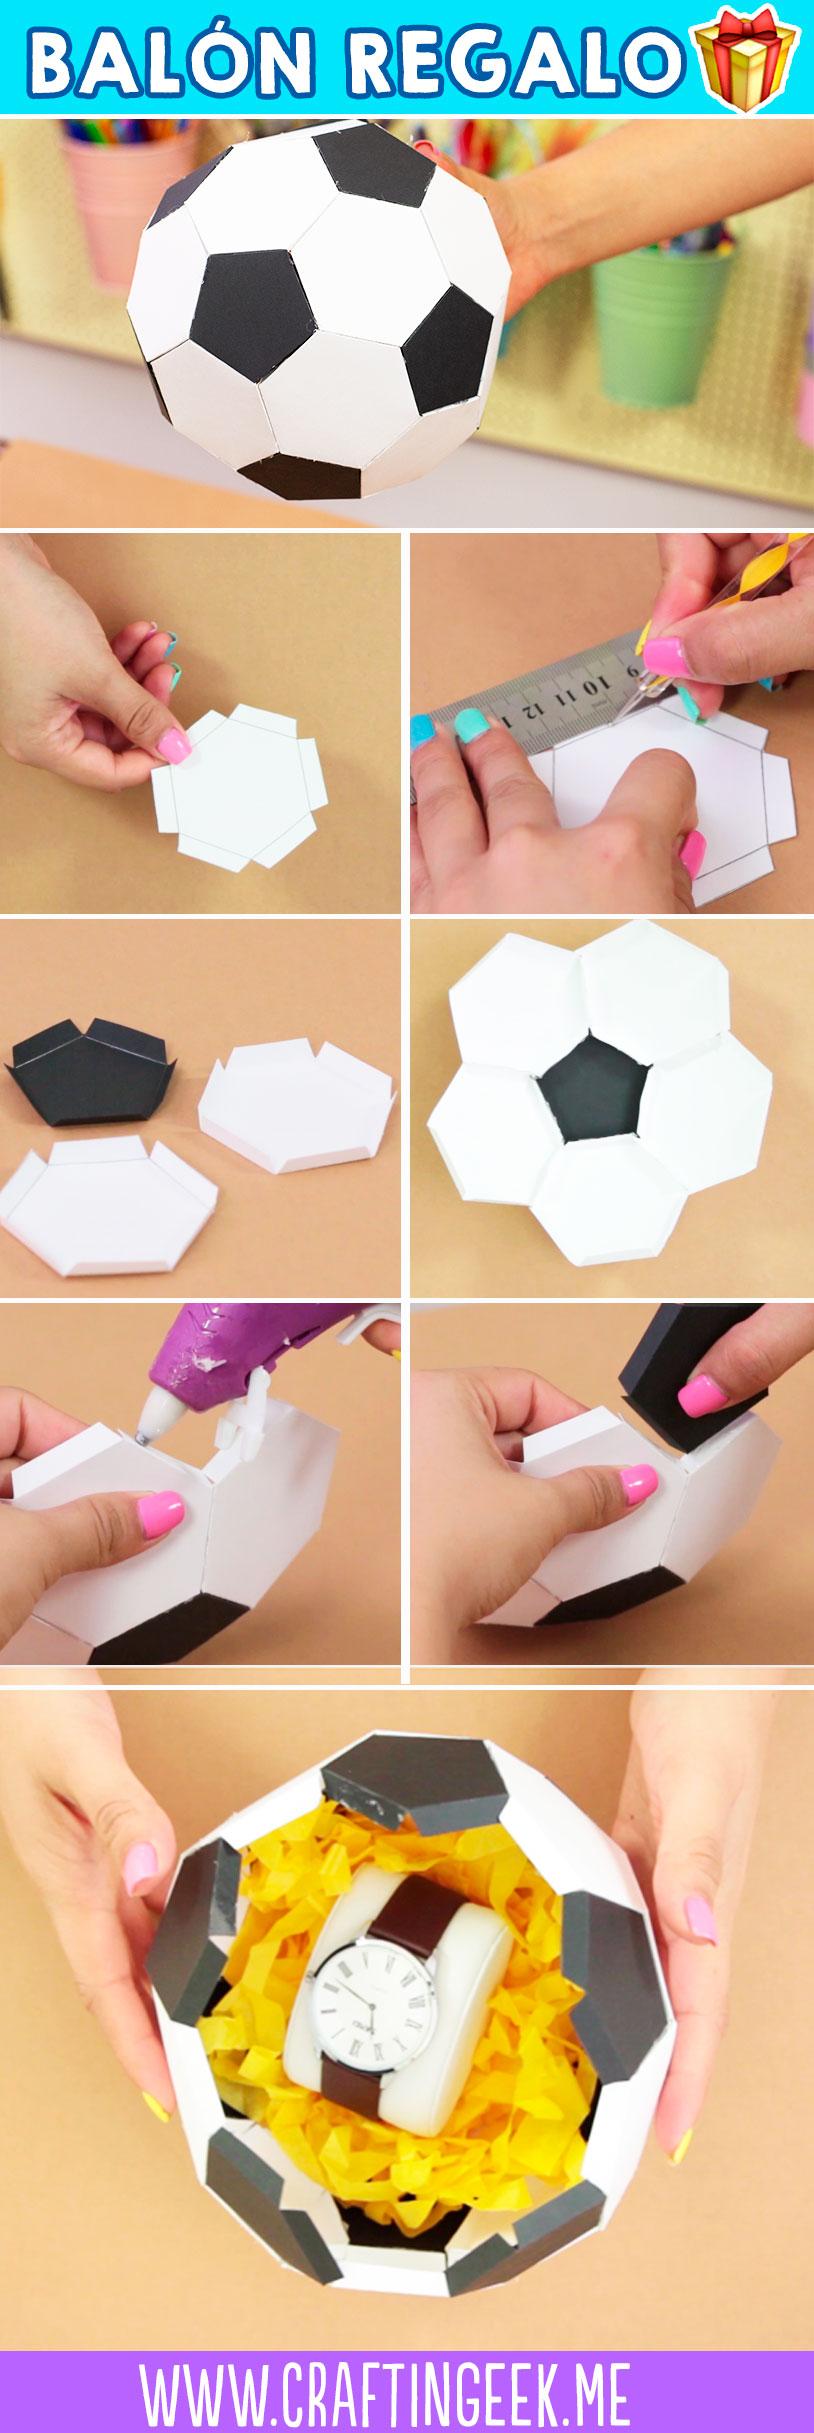 Haz un balón de futbol de papel para regalo - Make a paper soccer ball DIY giftbox